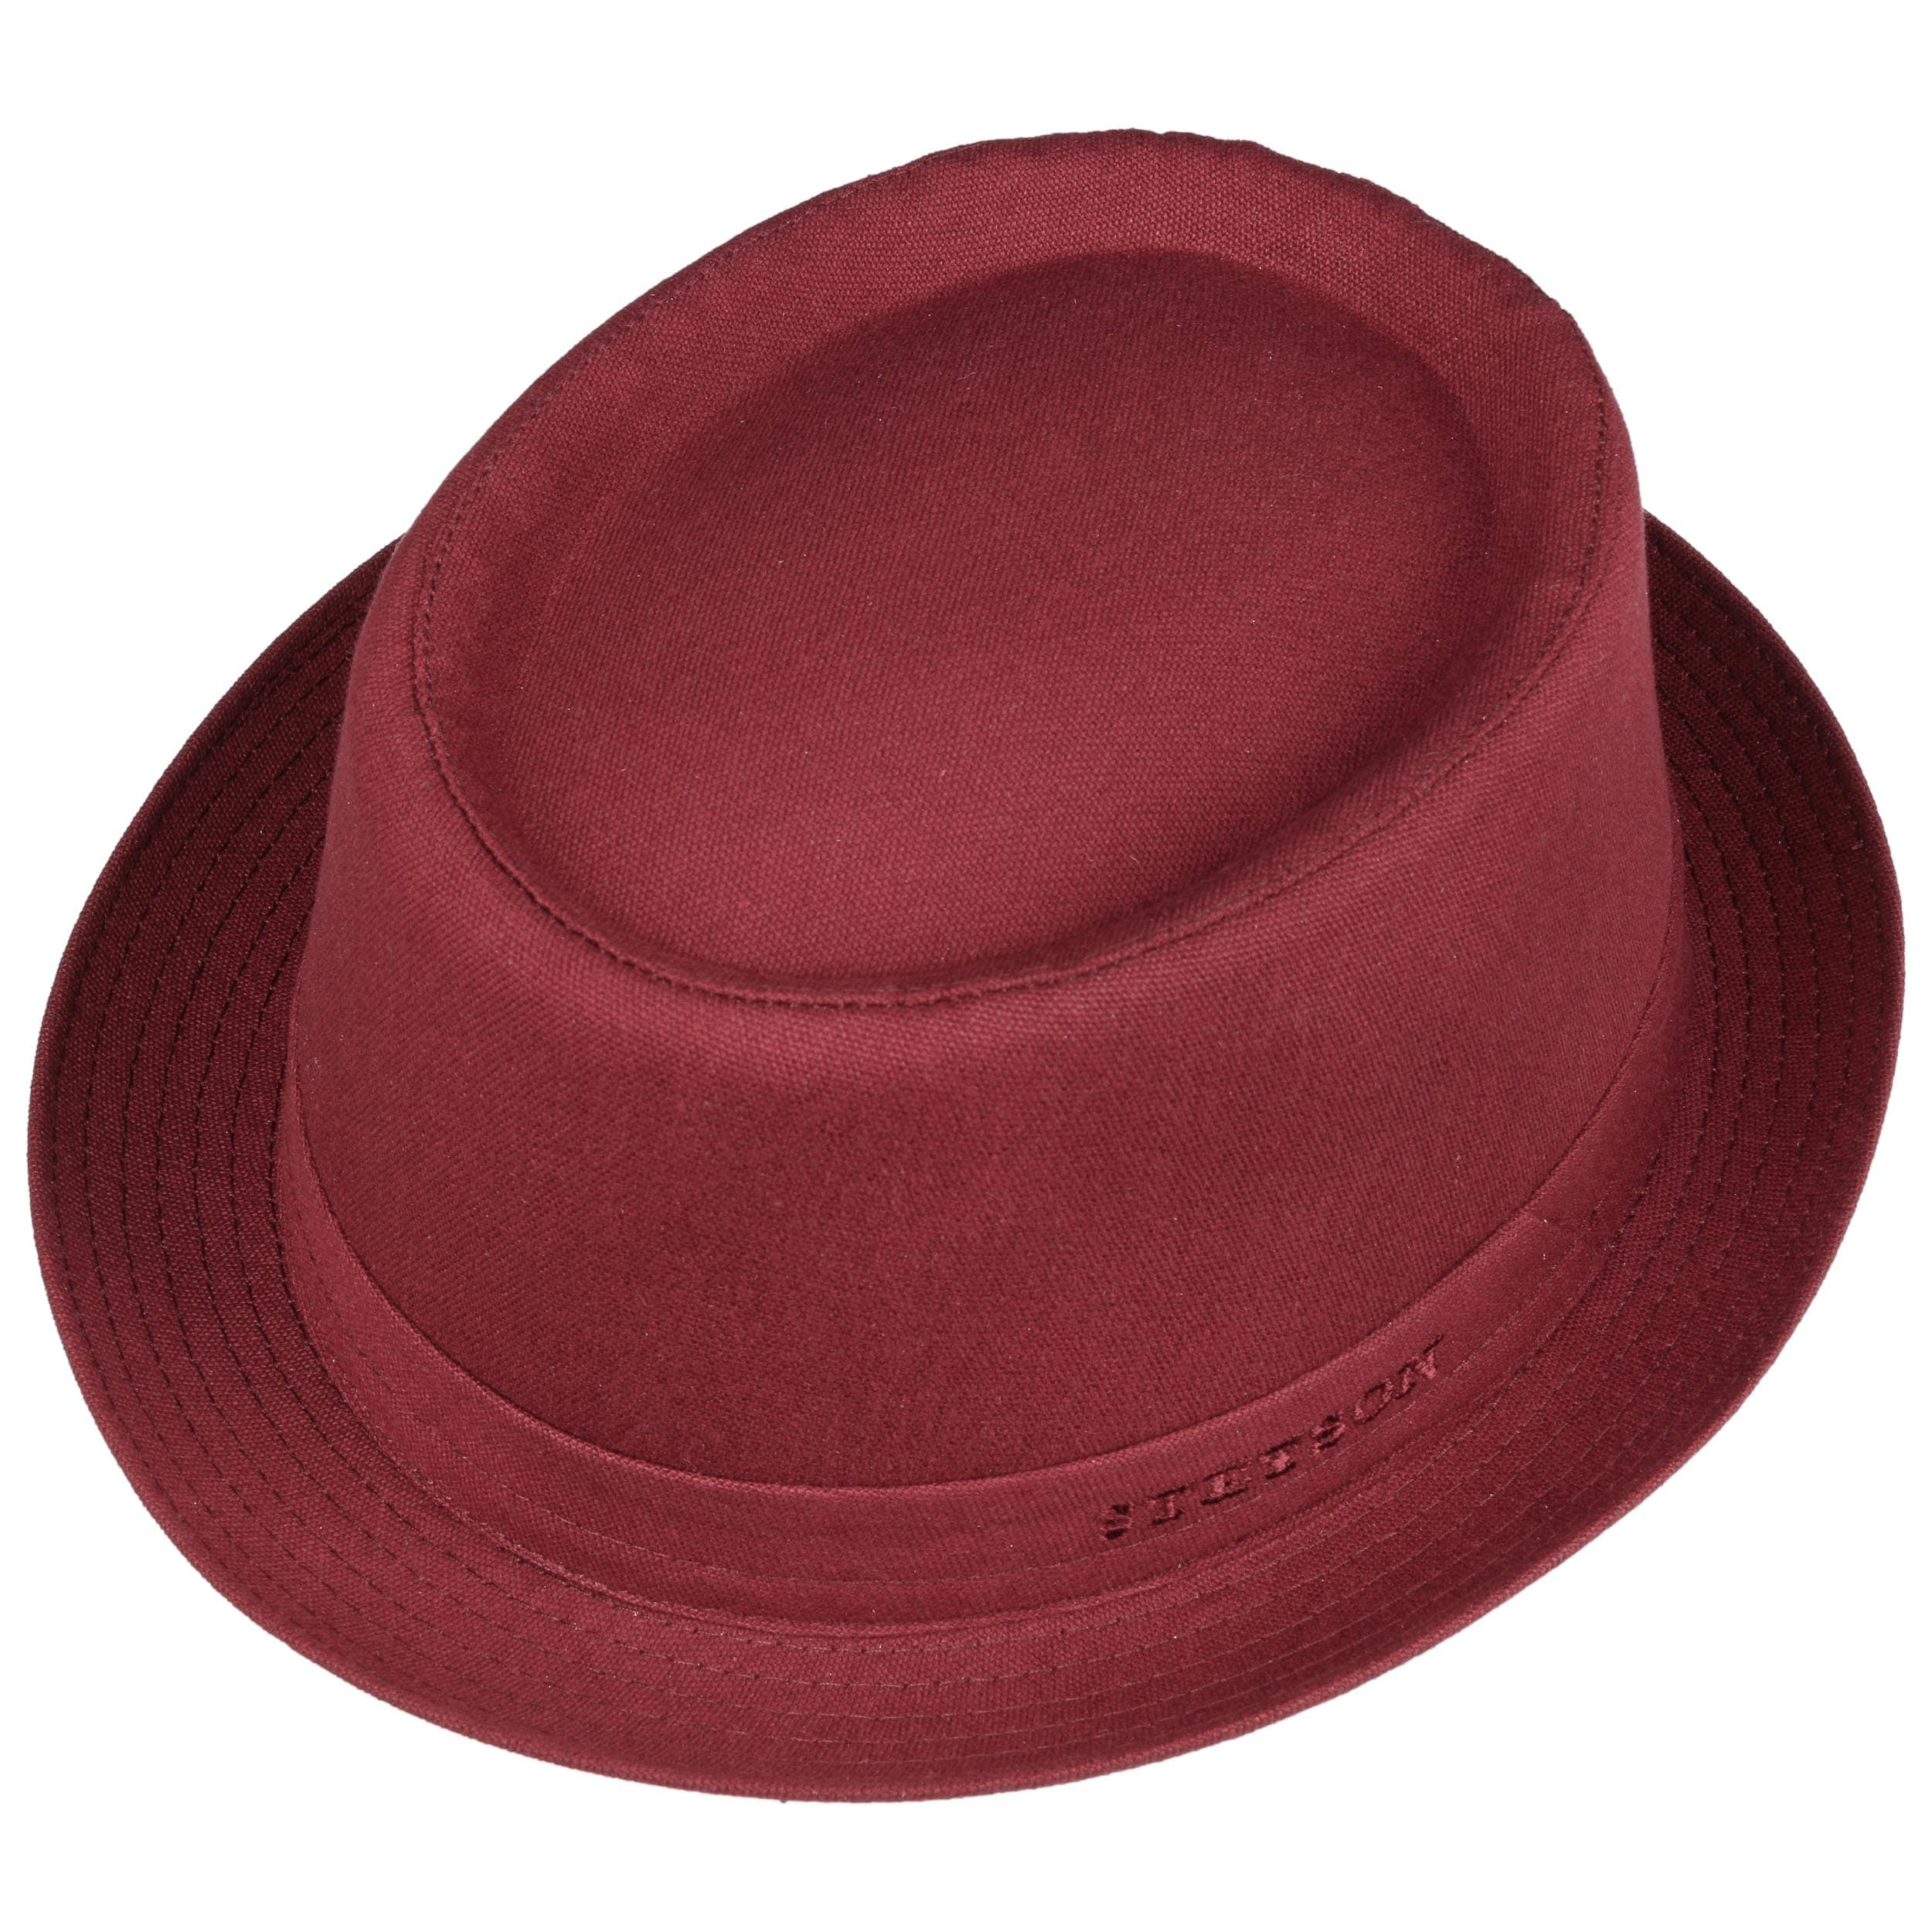 4d55276b800ad Athens Cotton Pork Pie Hat by Stetson - dark red 1 ...